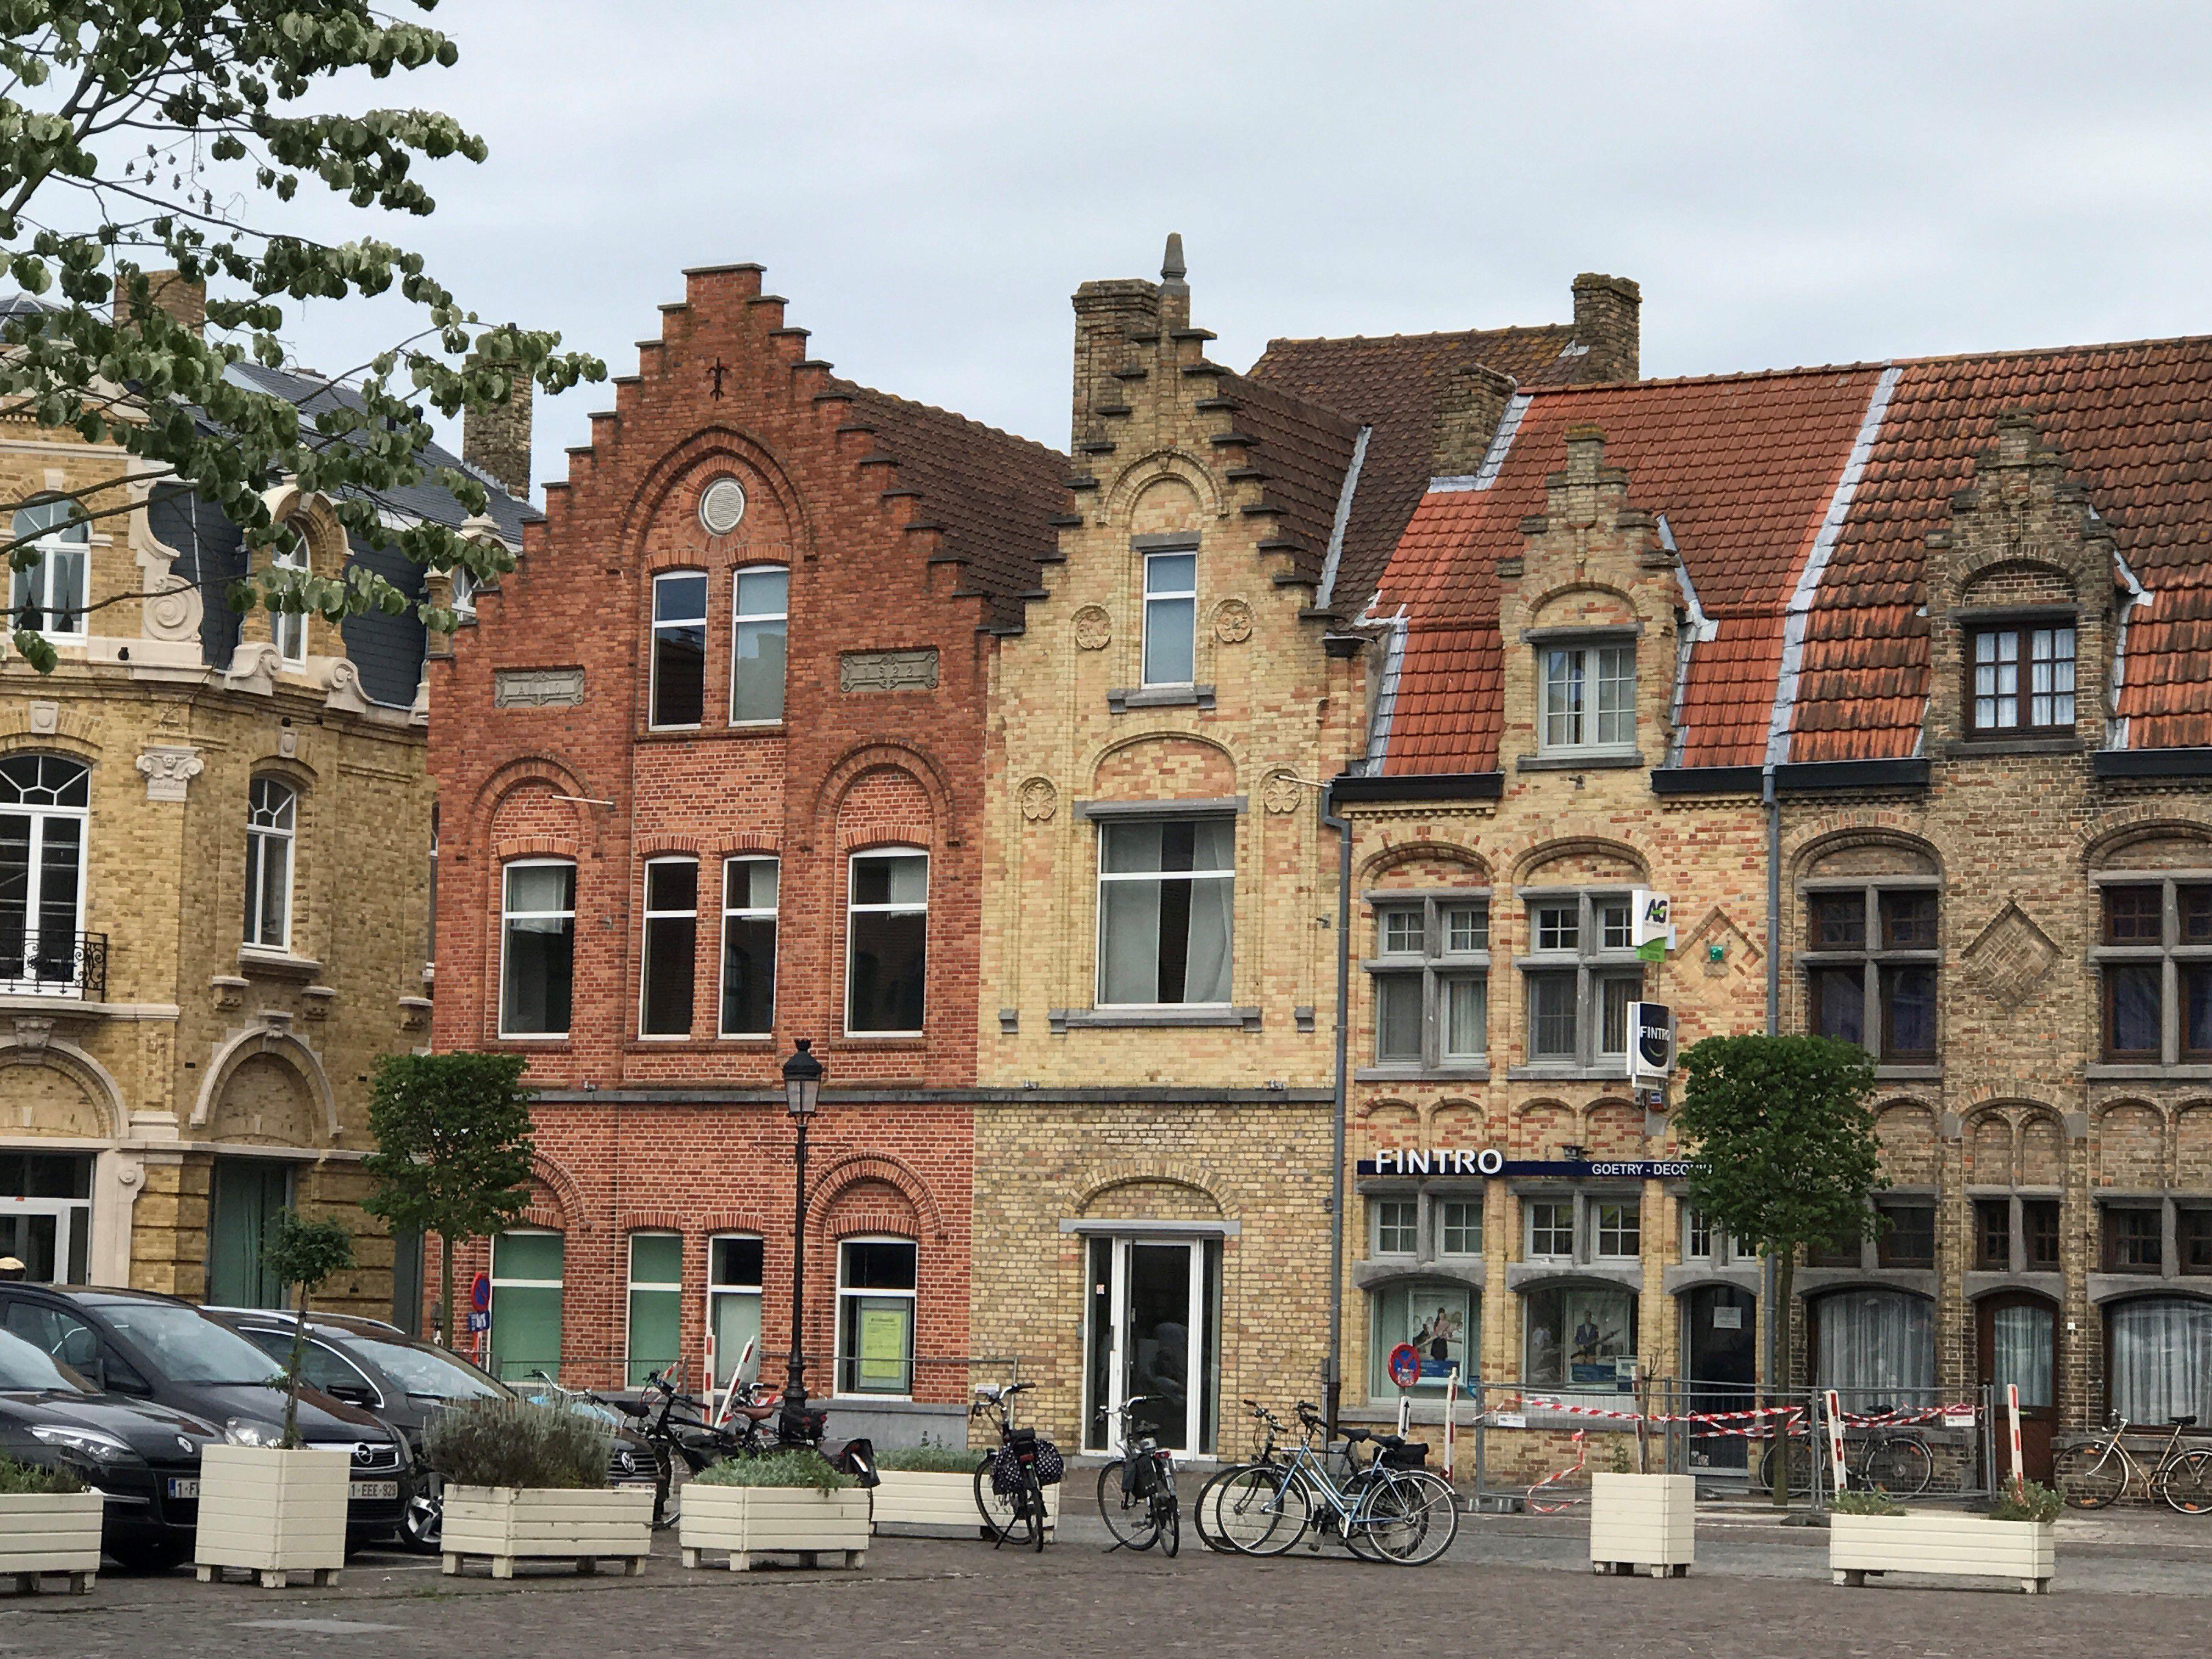 Appartement 3 slaapkamers te koop Marktplein Nieuwpoort - 9111